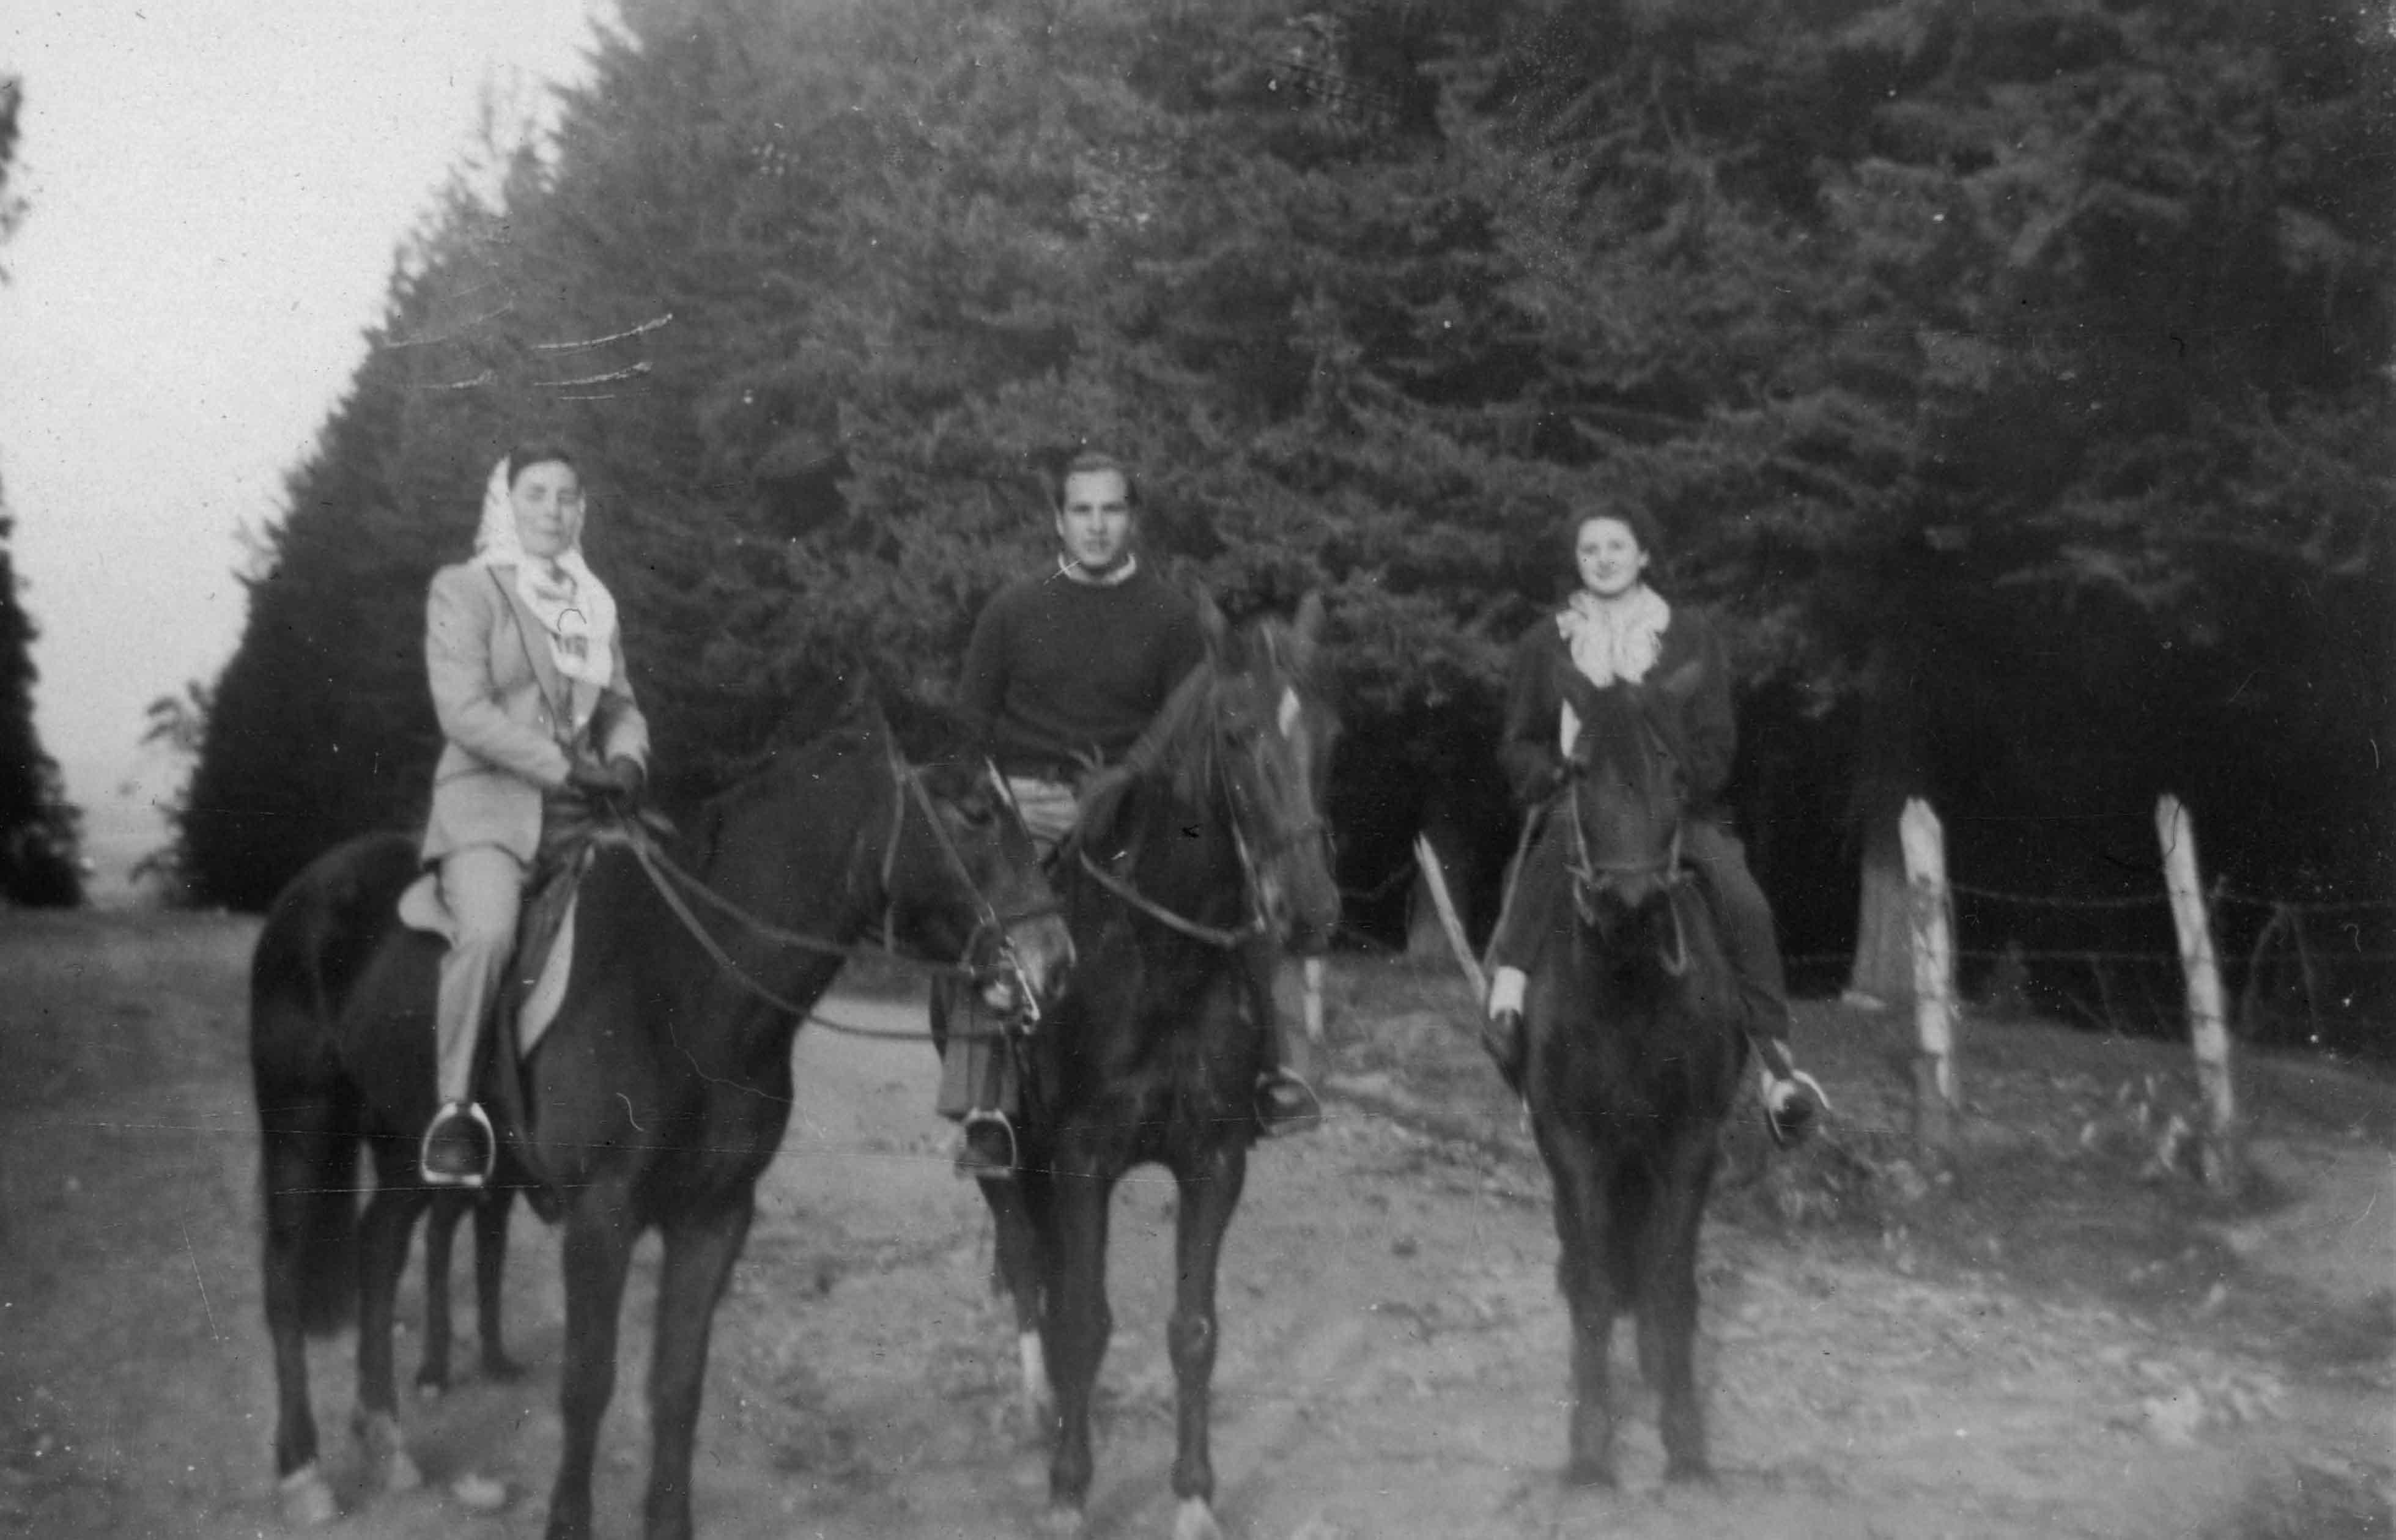 Enterreno - Fotos históricas de chile - fotos antiguas de Chile - Fundo Las Mercedes en 1947